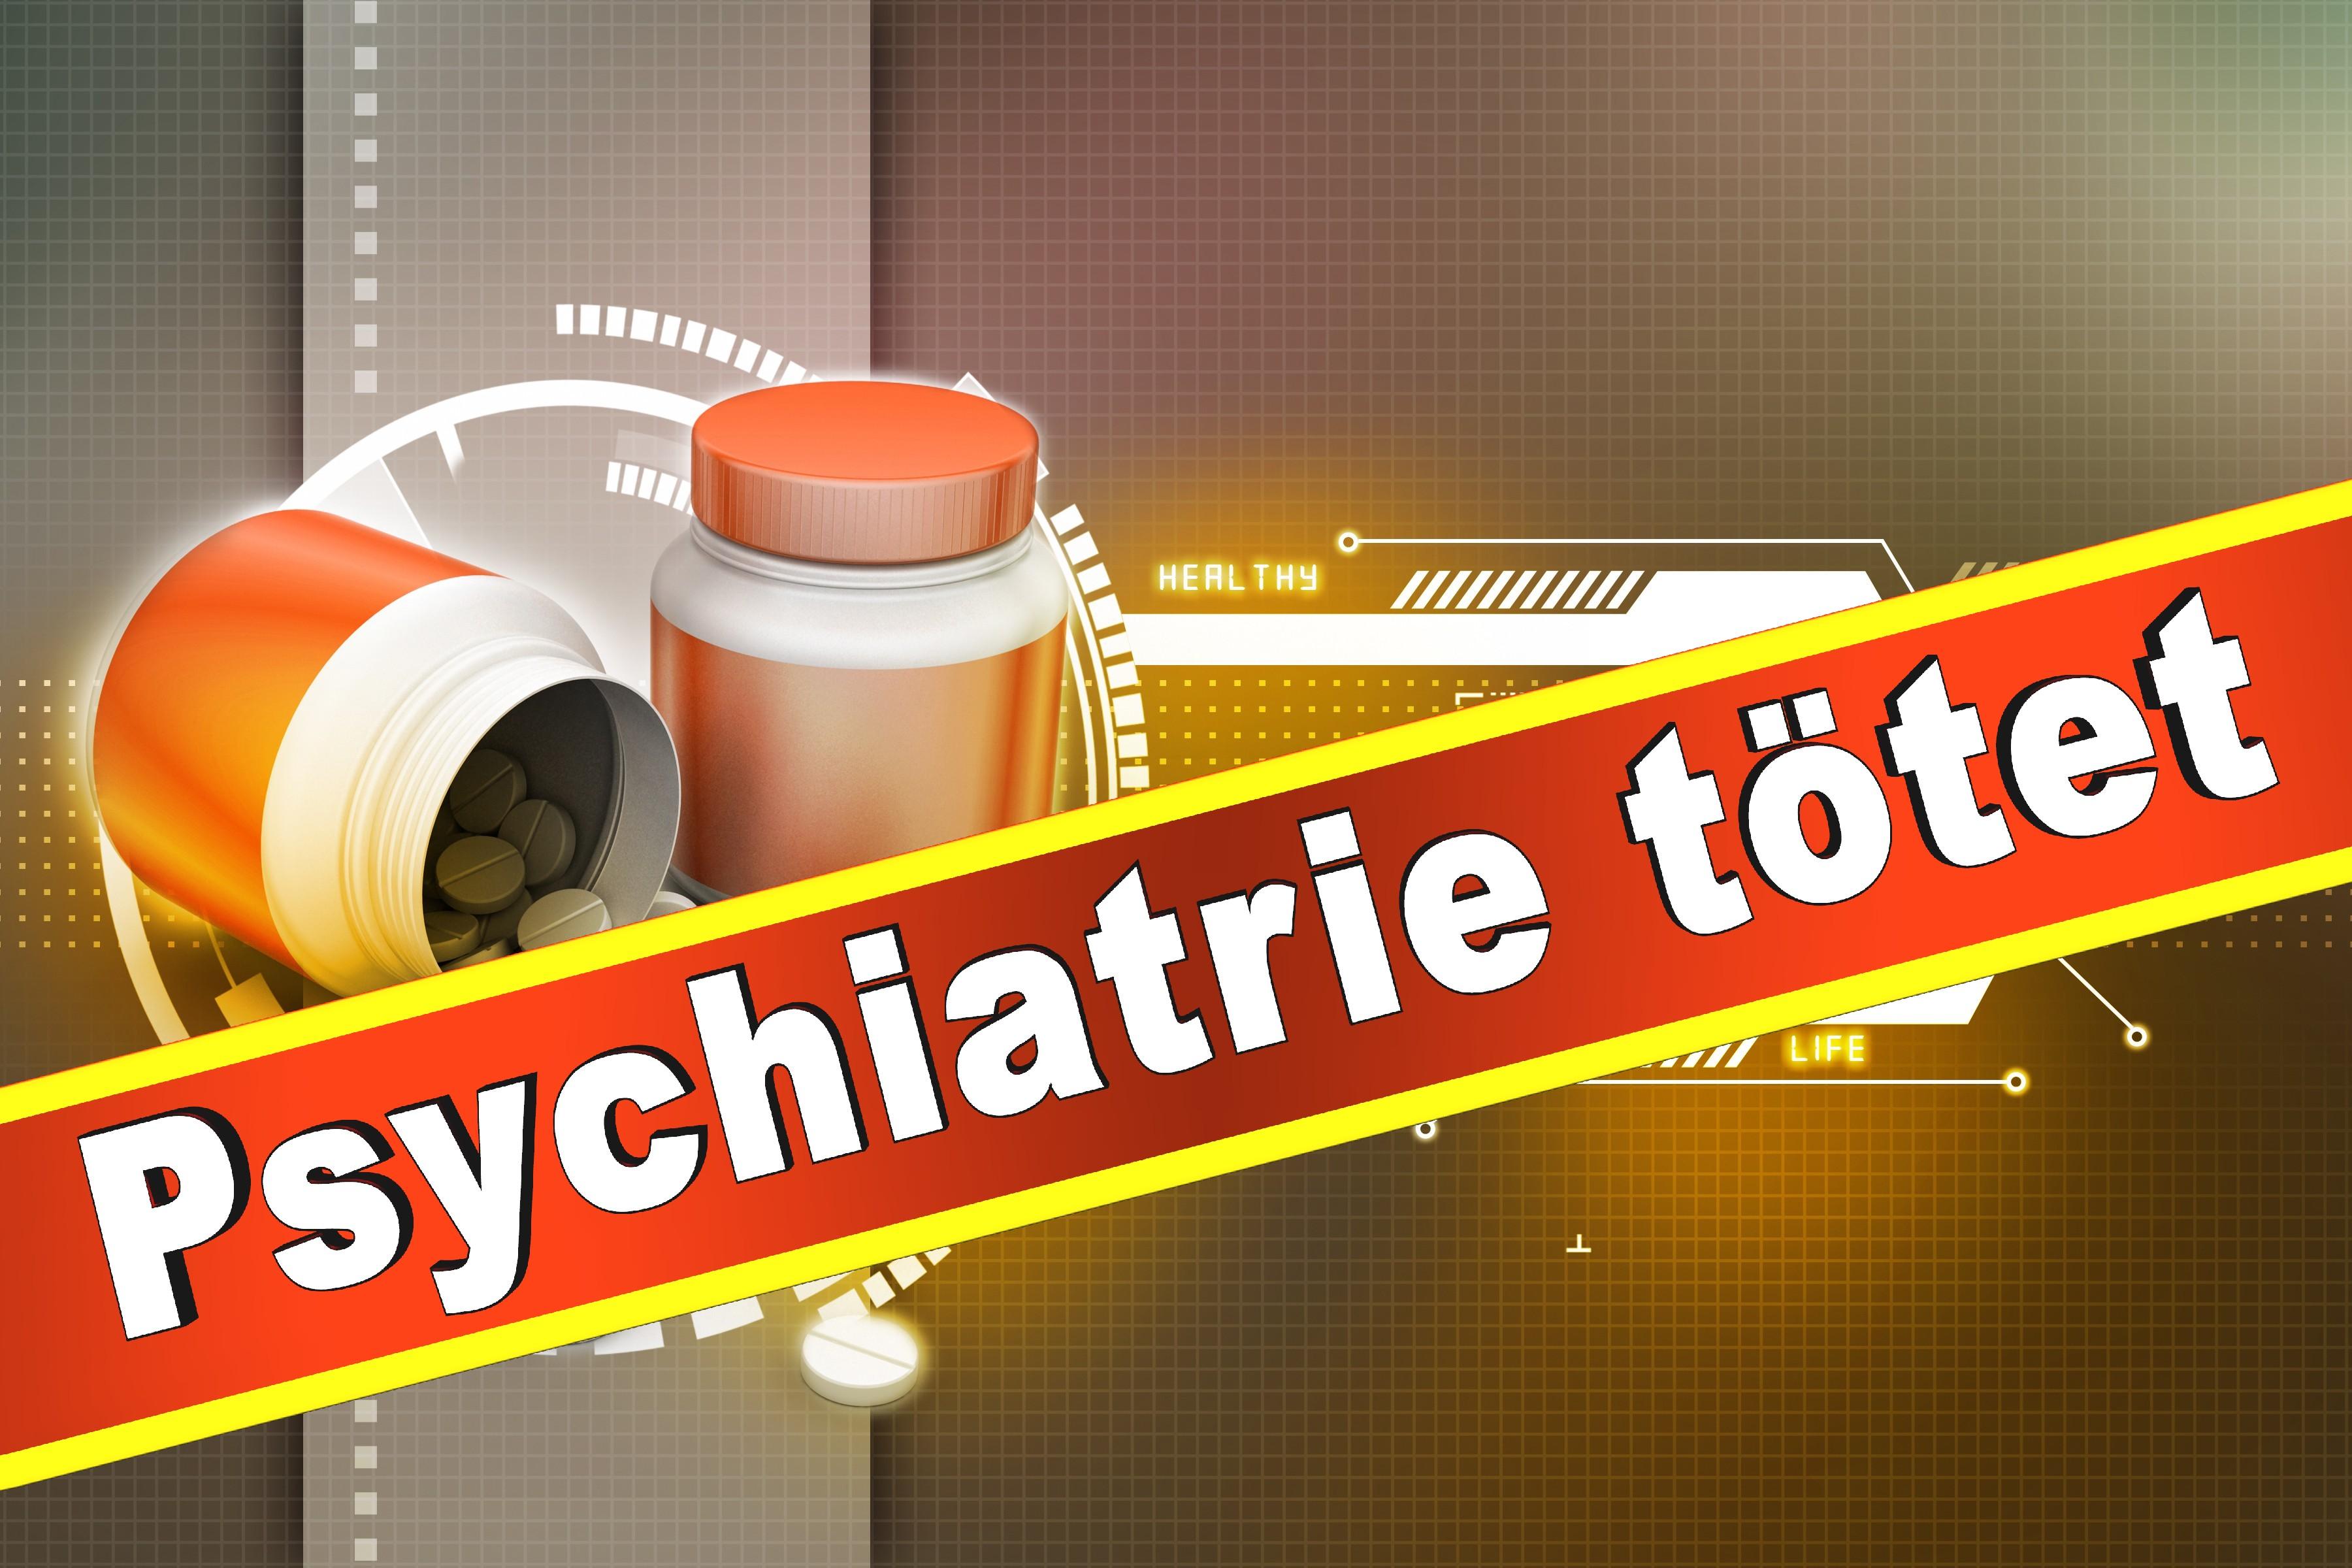 Wielant Machleidt Psychiater Psychotherapeut Professor Praxis Der Interkulturellen Psychiatrie Und Psychotherapie (23)